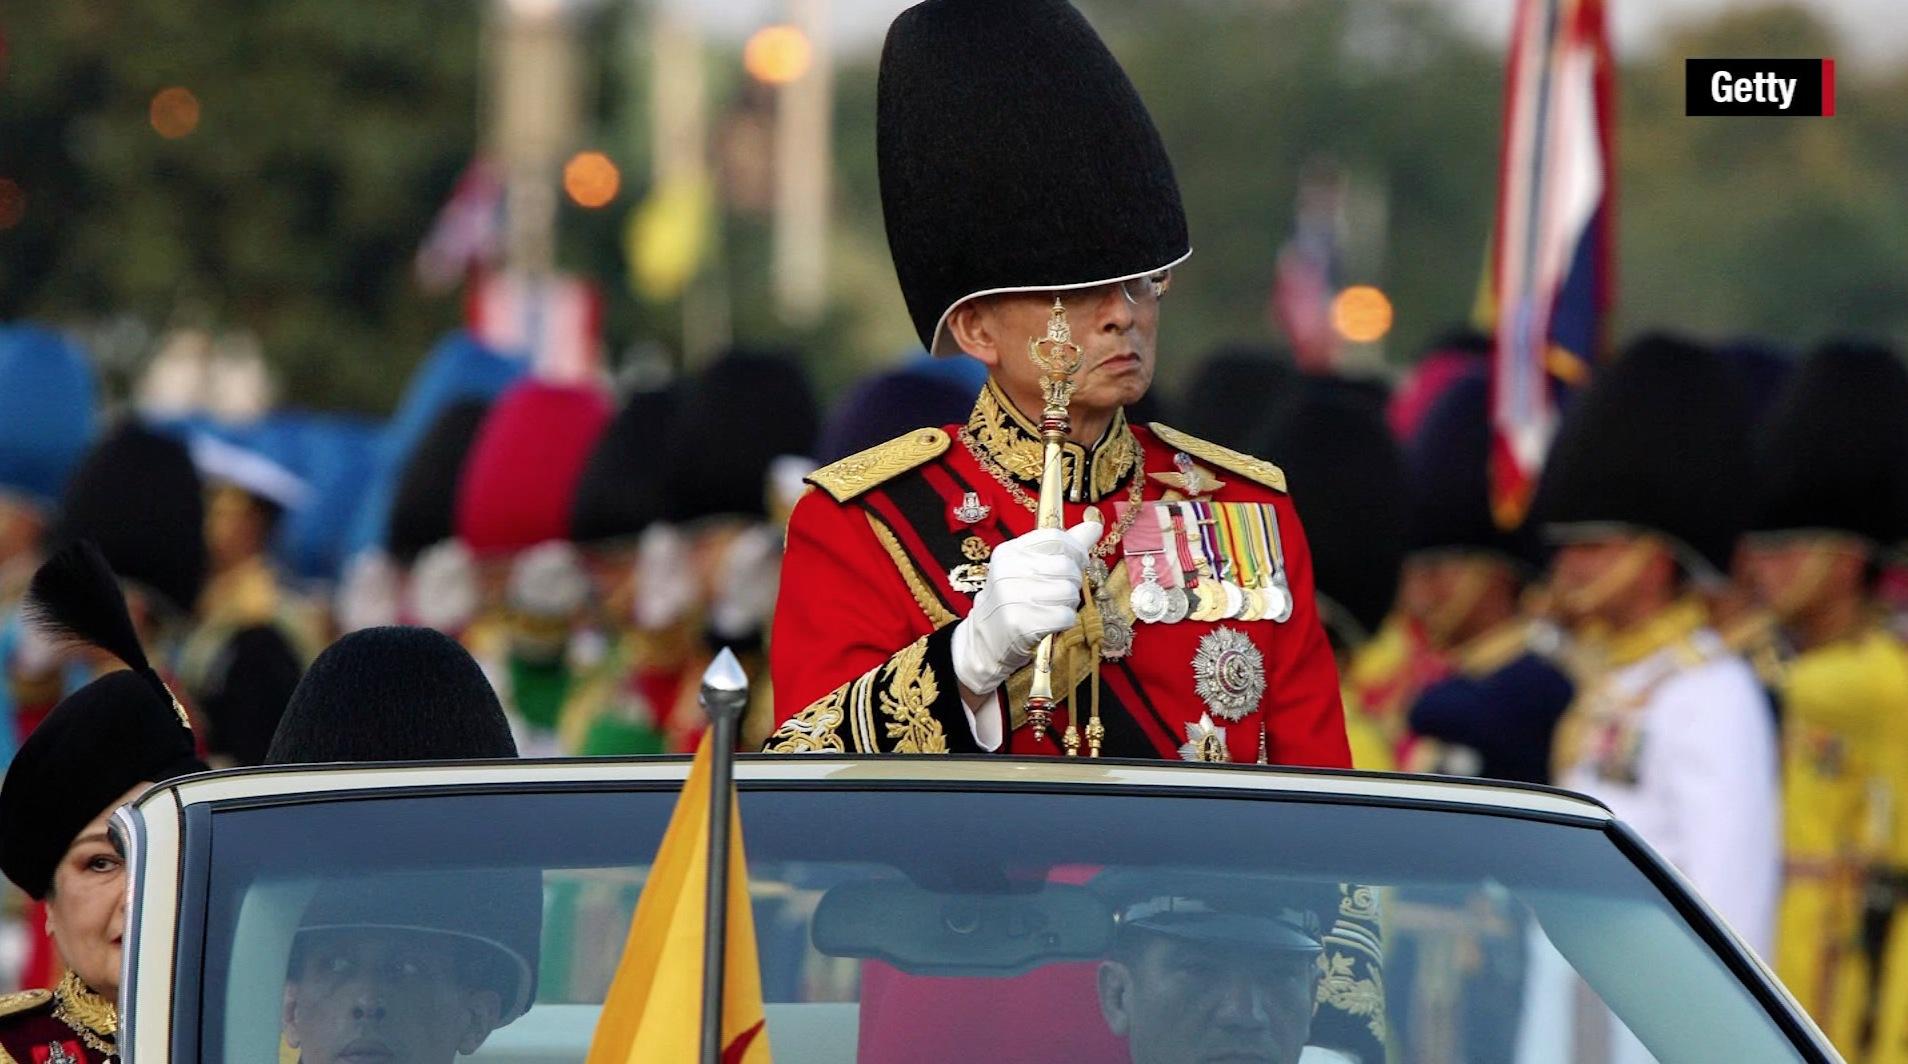 بالفيديو: من هو الملك الأطول حكماً عبر التاريخ؟